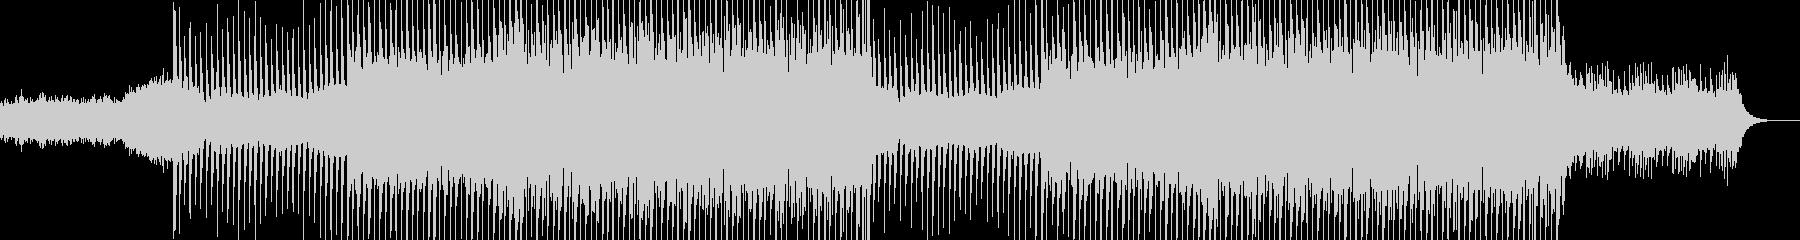 ポップなクラブ系ダンスEDM-06の未再生の波形